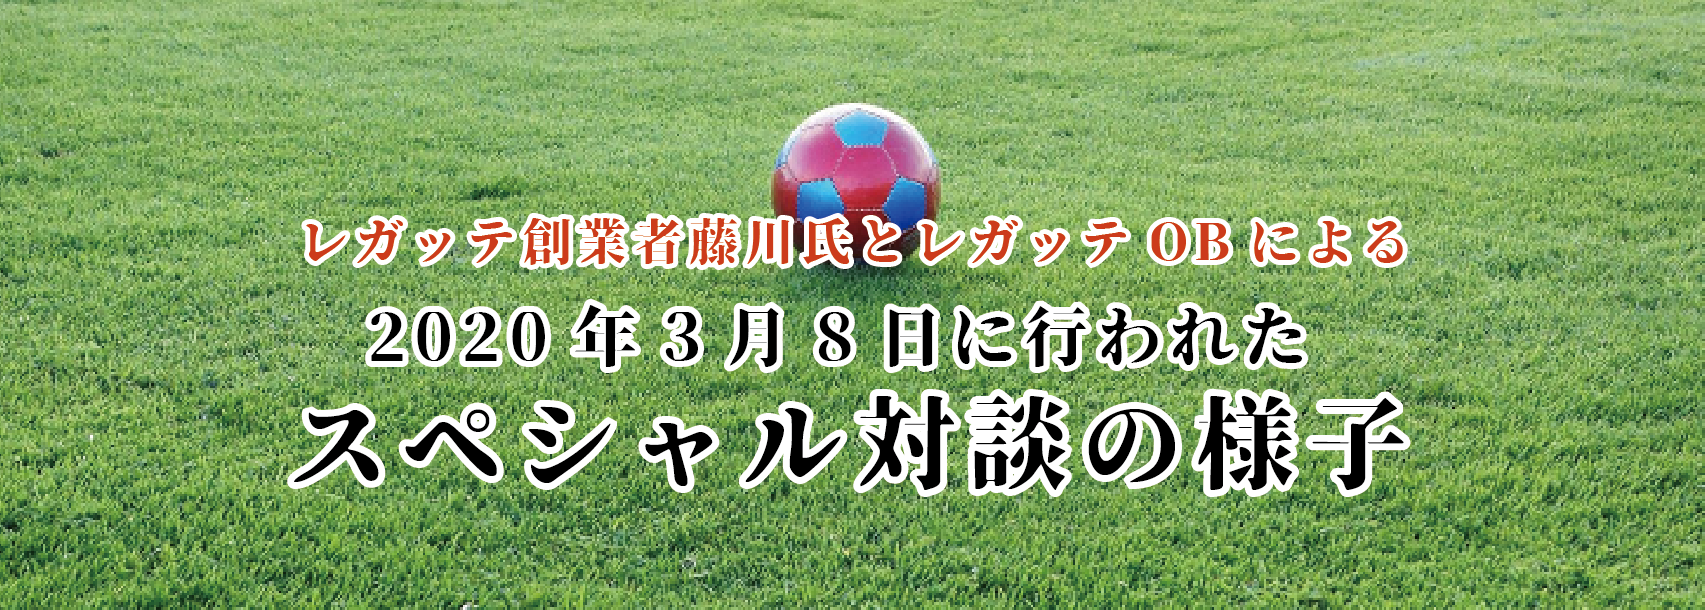 【動画】3/8(日)スペシャルな対談開催